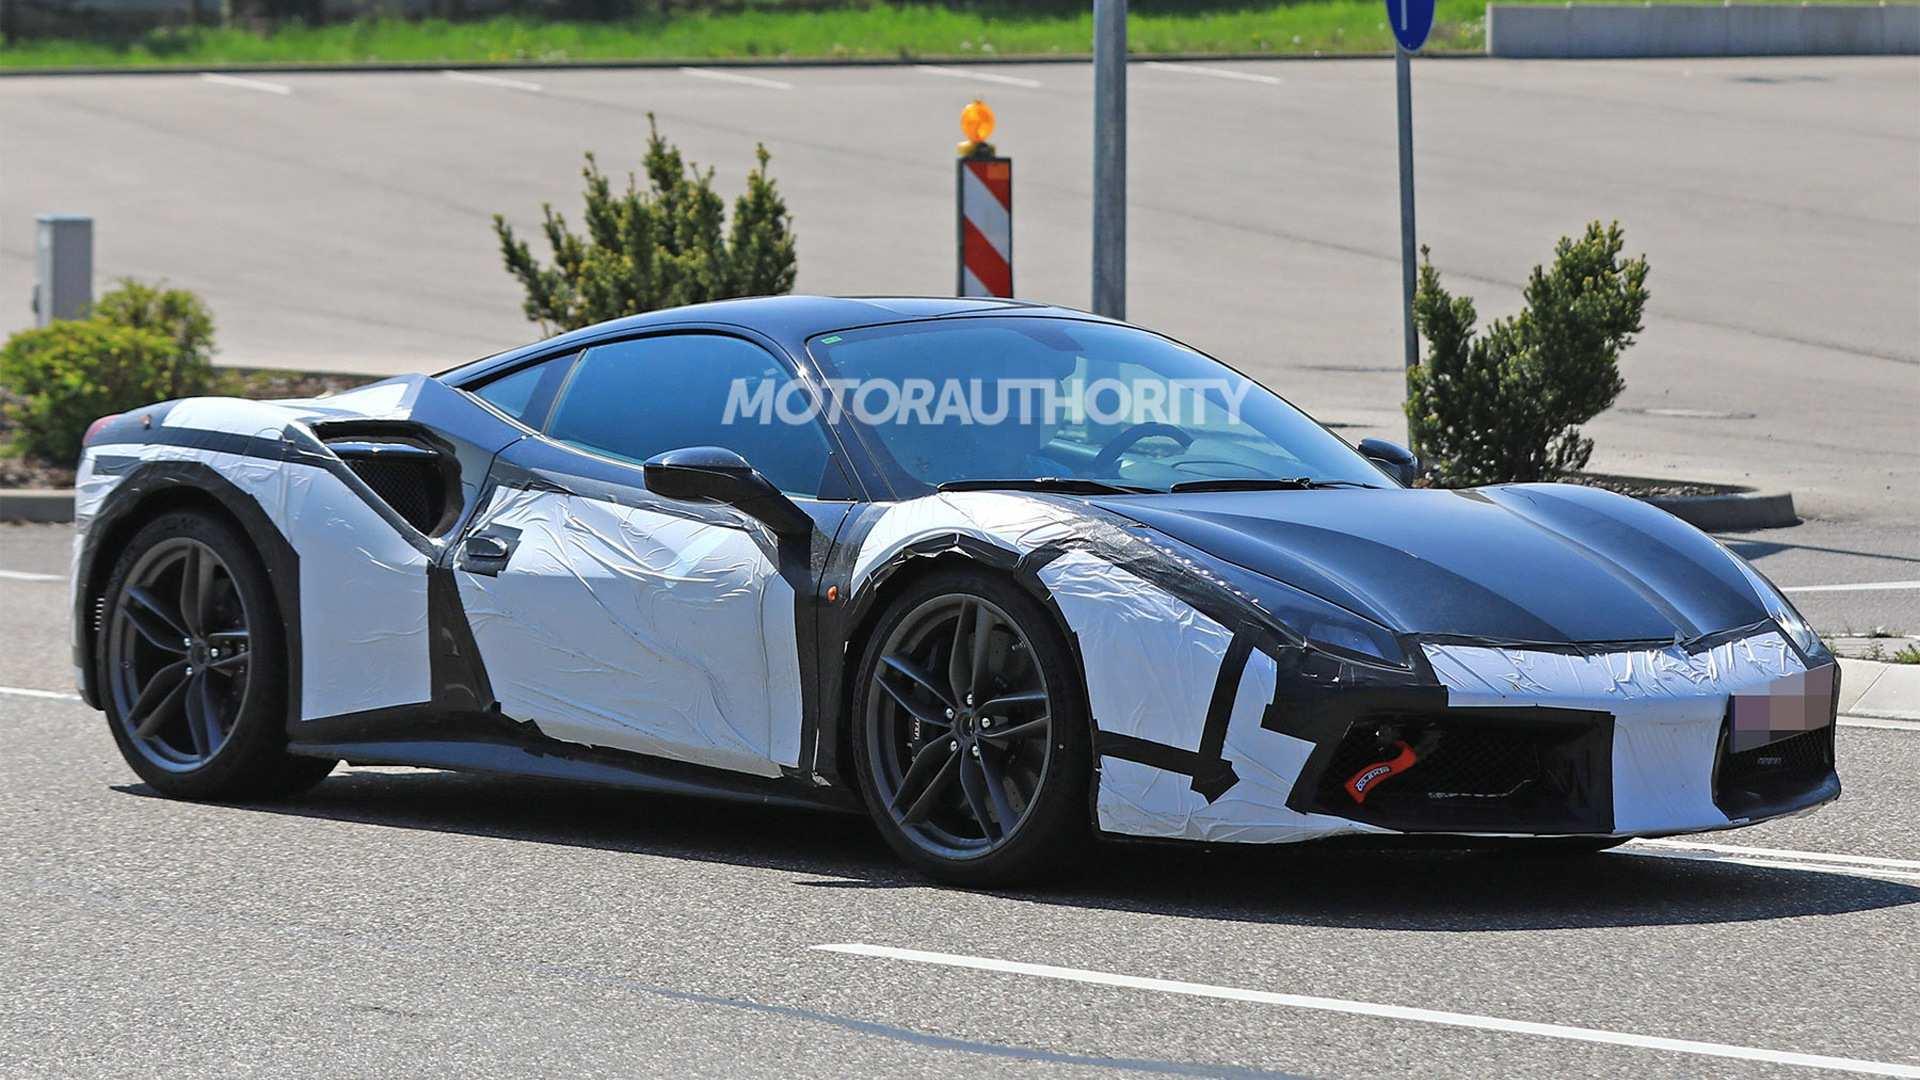 36 Great 2020 Ferrari 488 GTB Overview by 2020 Ferrari 488 GTB